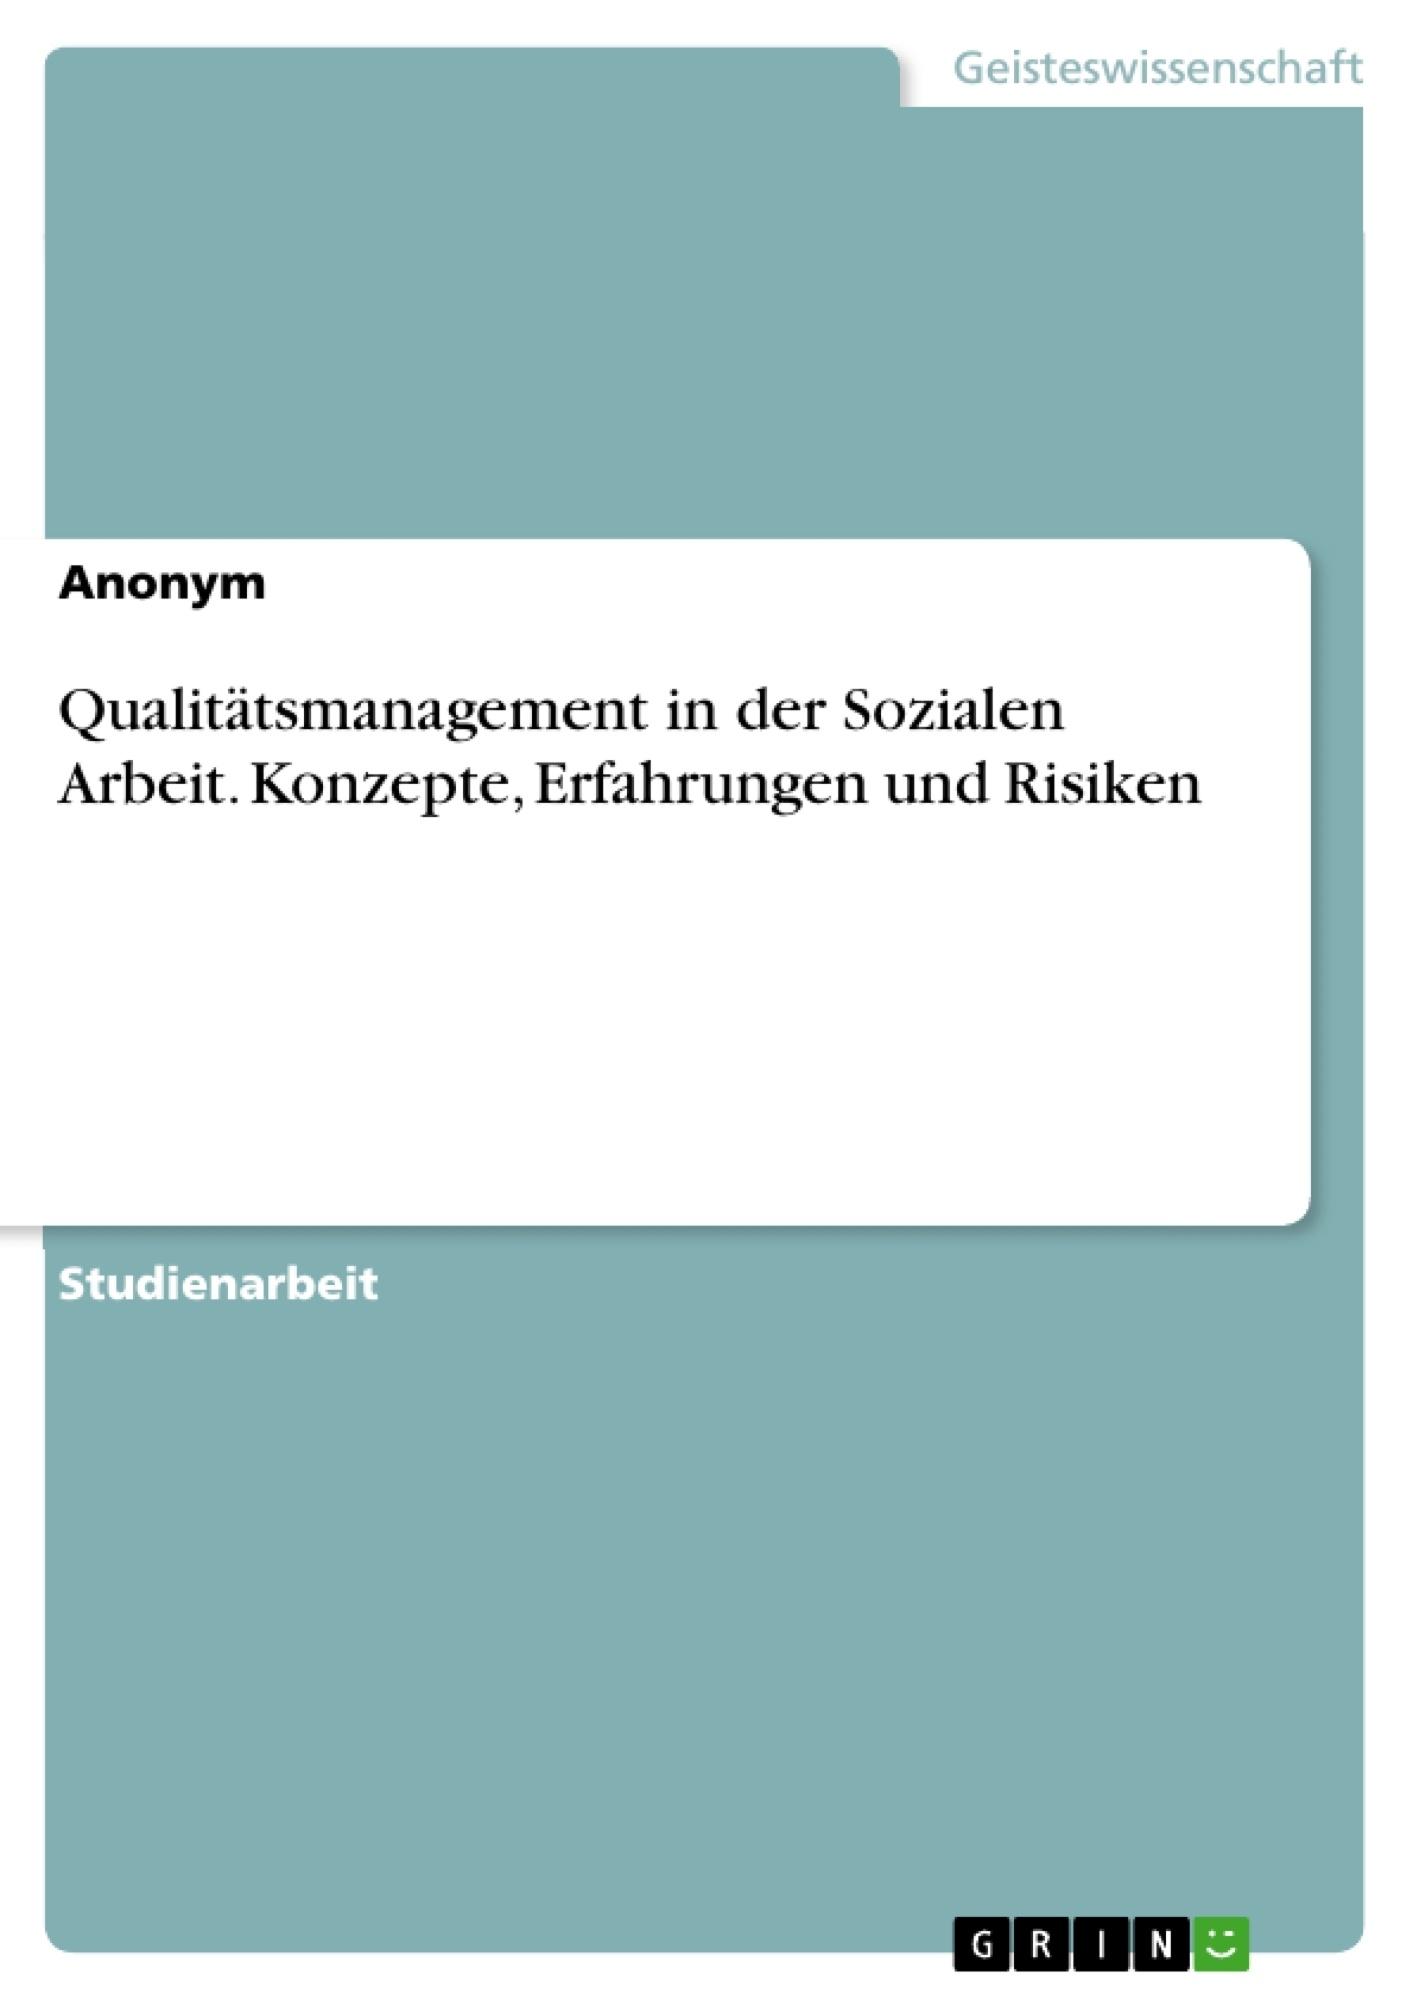 Titel: Qualitätsmanagement in der Sozialen Arbeit. Konzepte, Erfahrungen und Risiken